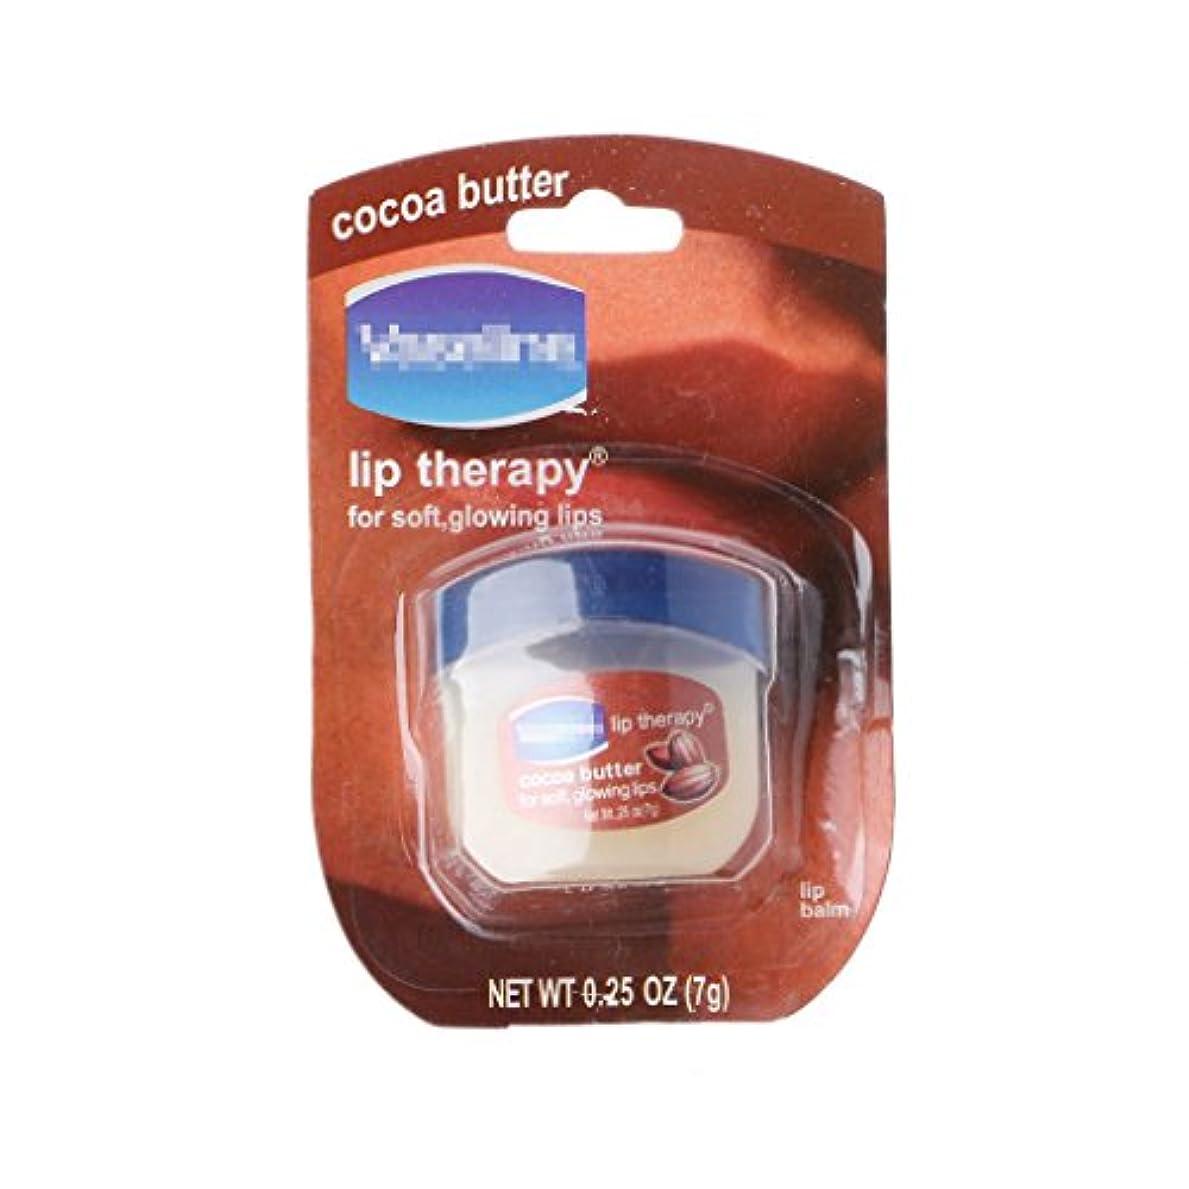 納得させるではごきげんよう寝室を掃除するManyao 身体の顔のための純粋な石油ゼリースキンプロテクターモイスチャライザーワセリンクリーム (NO.1)